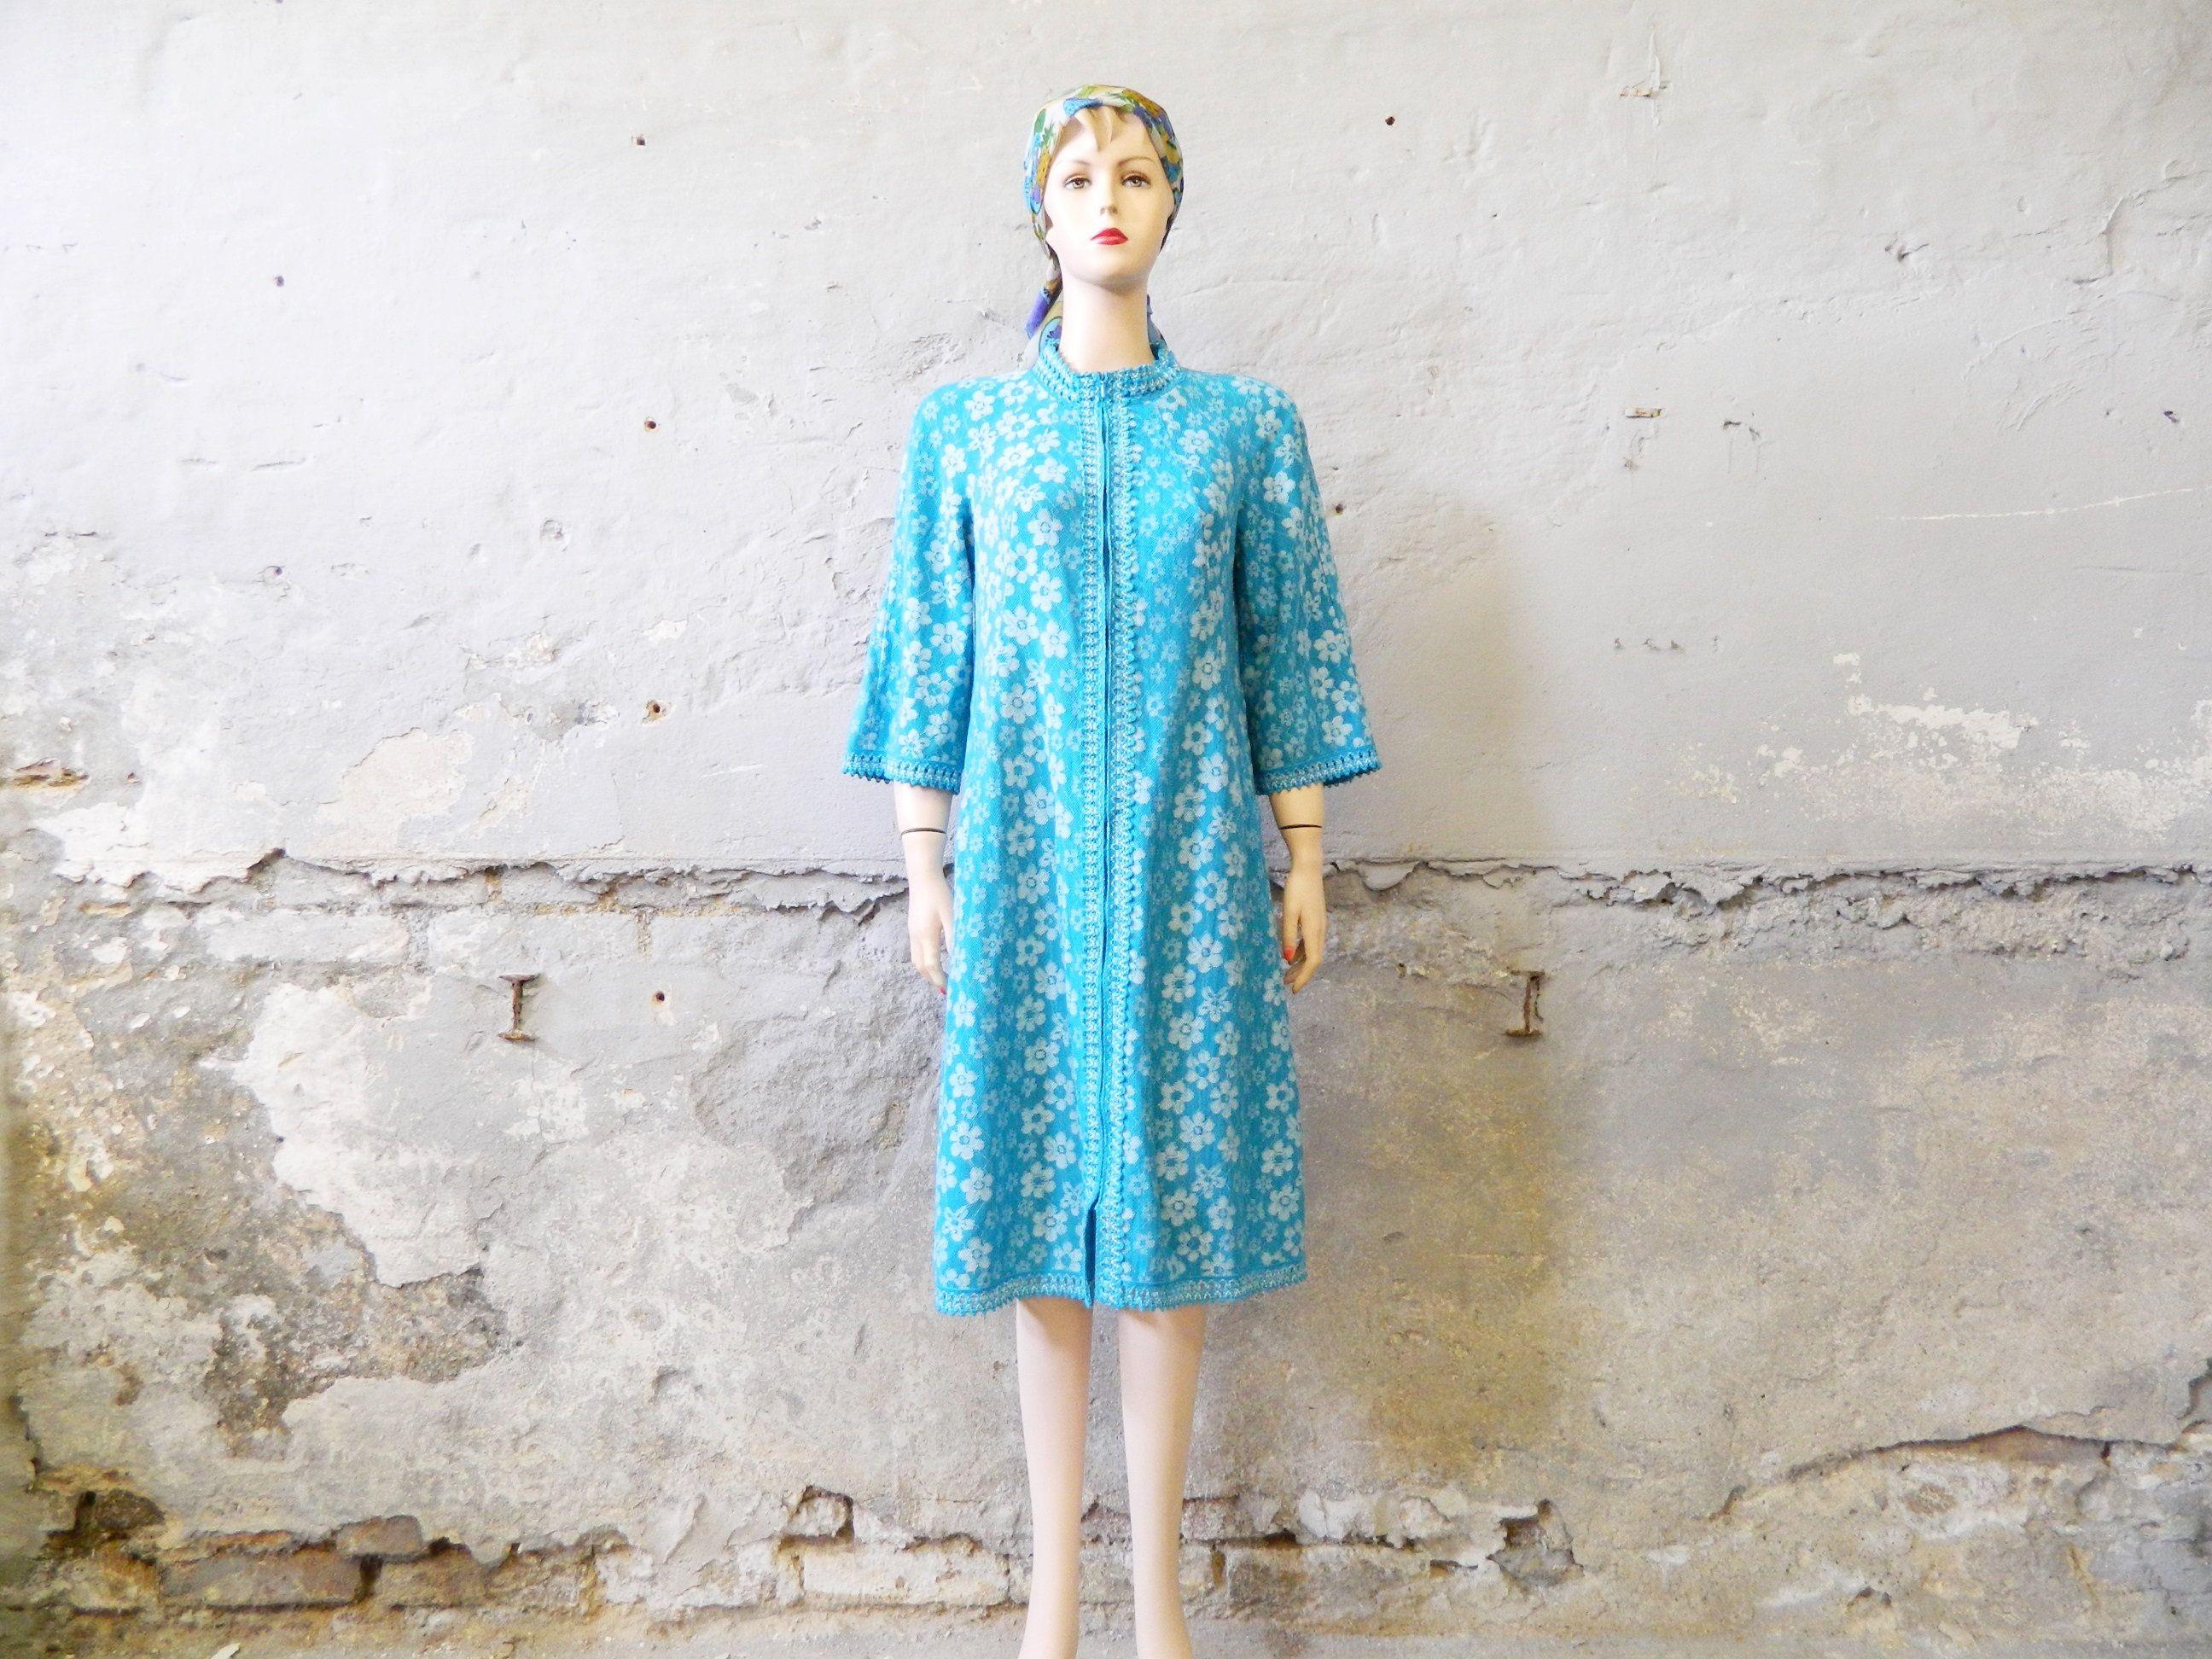 Hauskleid / vintage Kleid / 60er Jahre Kleid blau weiß ...